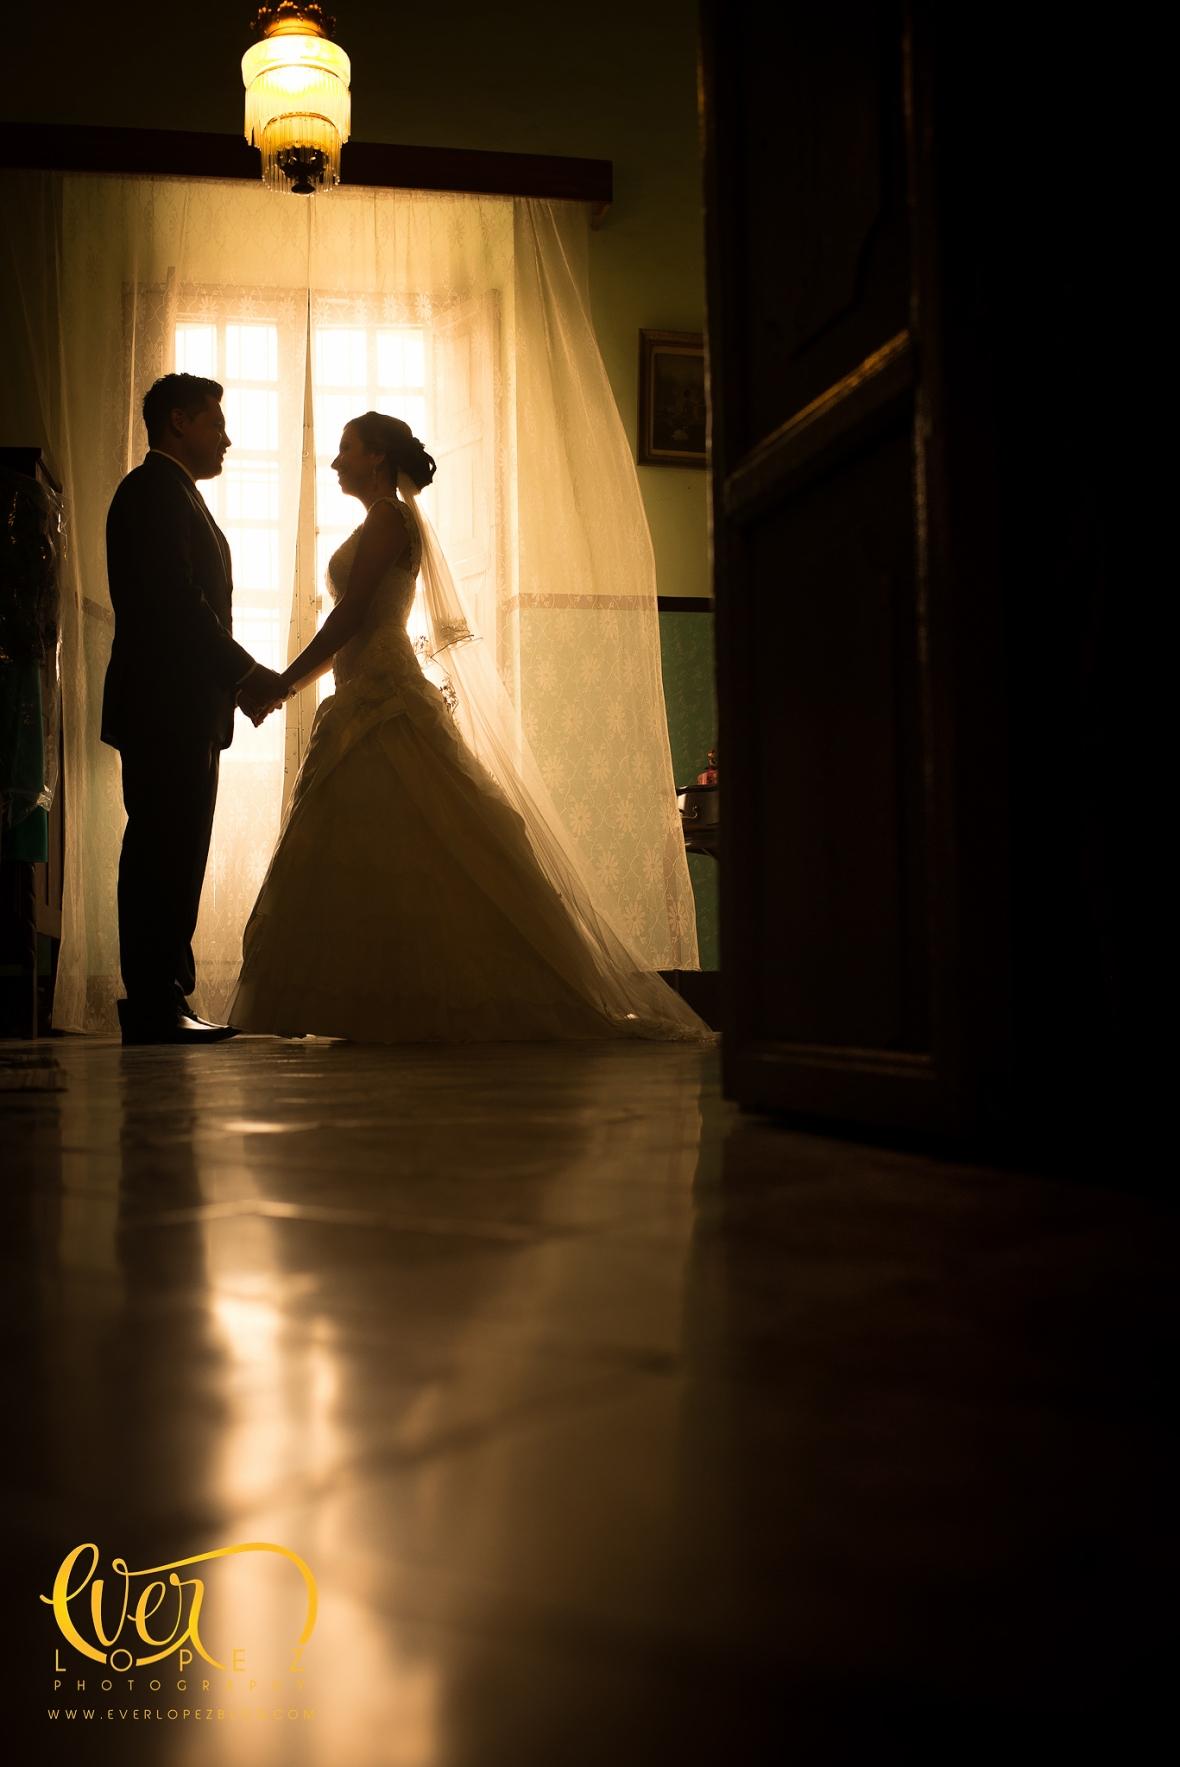 fotografo de bodas ameca jalisco fotografo de bodas en ameca jalisco mexico ever lopez fotos club de leones arreglos decoracion bodas